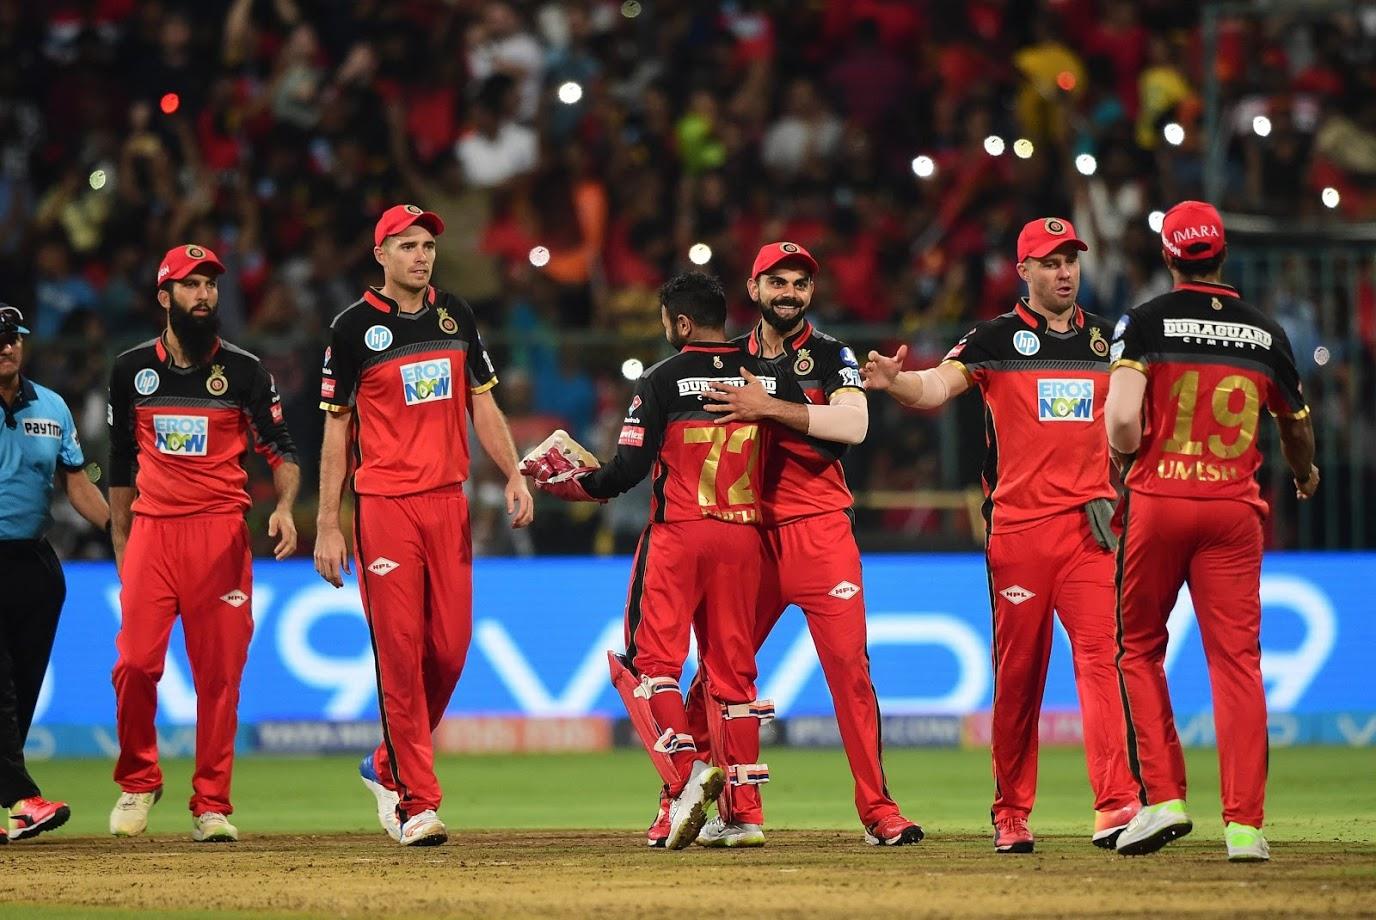 रॉयल चैलेंजर्स बेंगलुरू आईपीएल की वो टीम रही है जिसने अपने दमदार खिलाड़ियों की वजह से हमेशा लोकप्रियता हासिल की है. इस बार भी टीम के पास विराट कोहली, एबी डिविलियर्स, शिमरॉन हेटमायार जैसे क्रिकेट वर्ल्ड के वो नाम मौजूद हैं जिनके लिए फैंस दीवाने रहते हैं. क्या कप्तान विराट पहली बार आईपीएल में इंटरनेशनल क्रिकेट जैसा करिश्मा दोहरा पाएंगे, यह देखने वाली बात होगी?